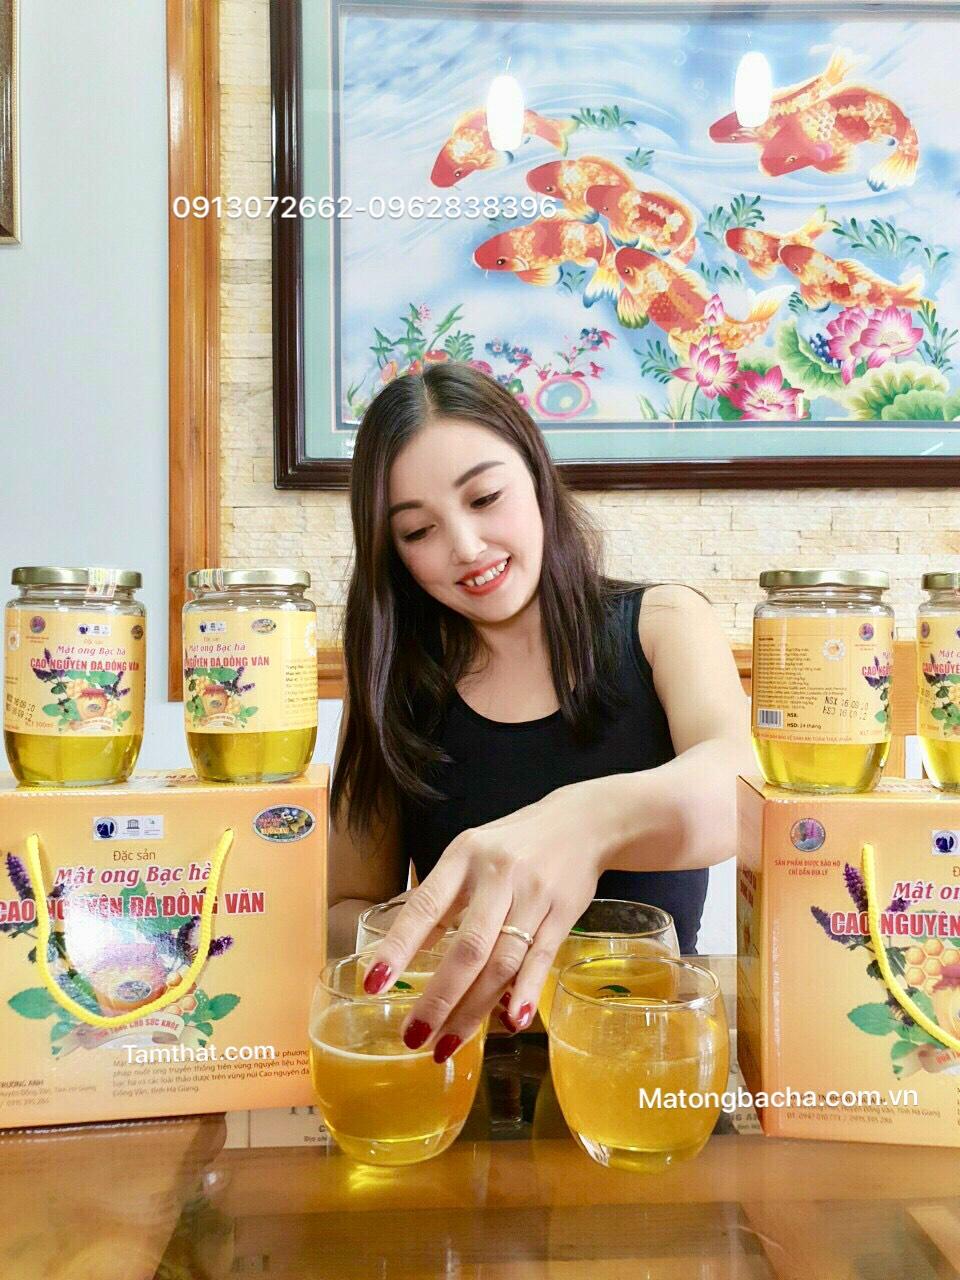 Em gái xinh tươi xin mời các anh, các chị mua mật ong bạc hà xịn cho em nha!